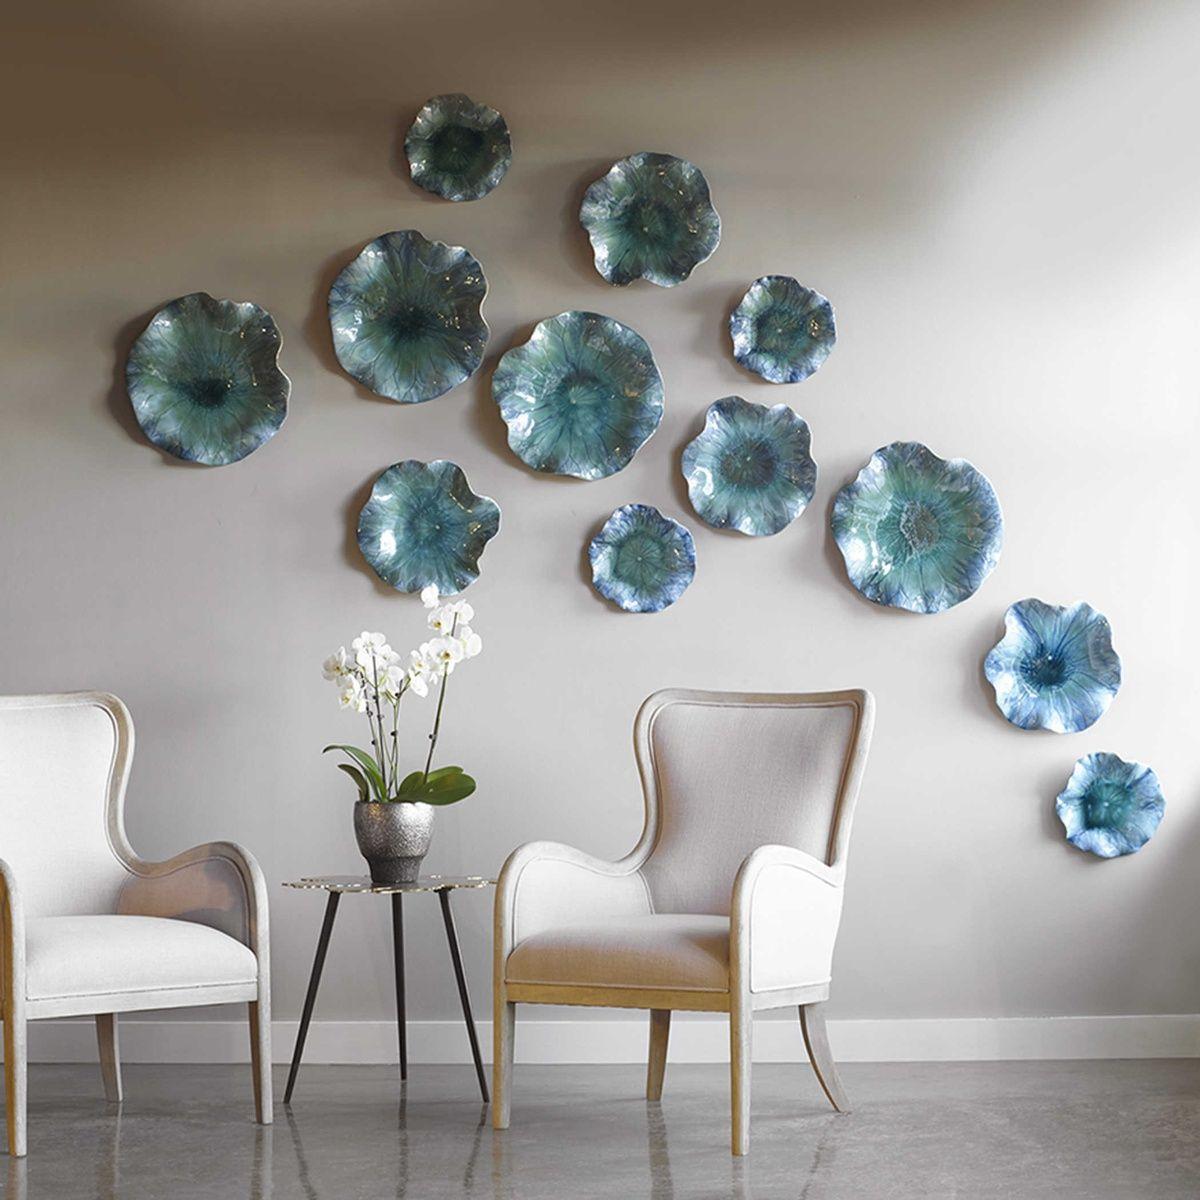 Uttermost Abella Ceramic Wall Decor S 3